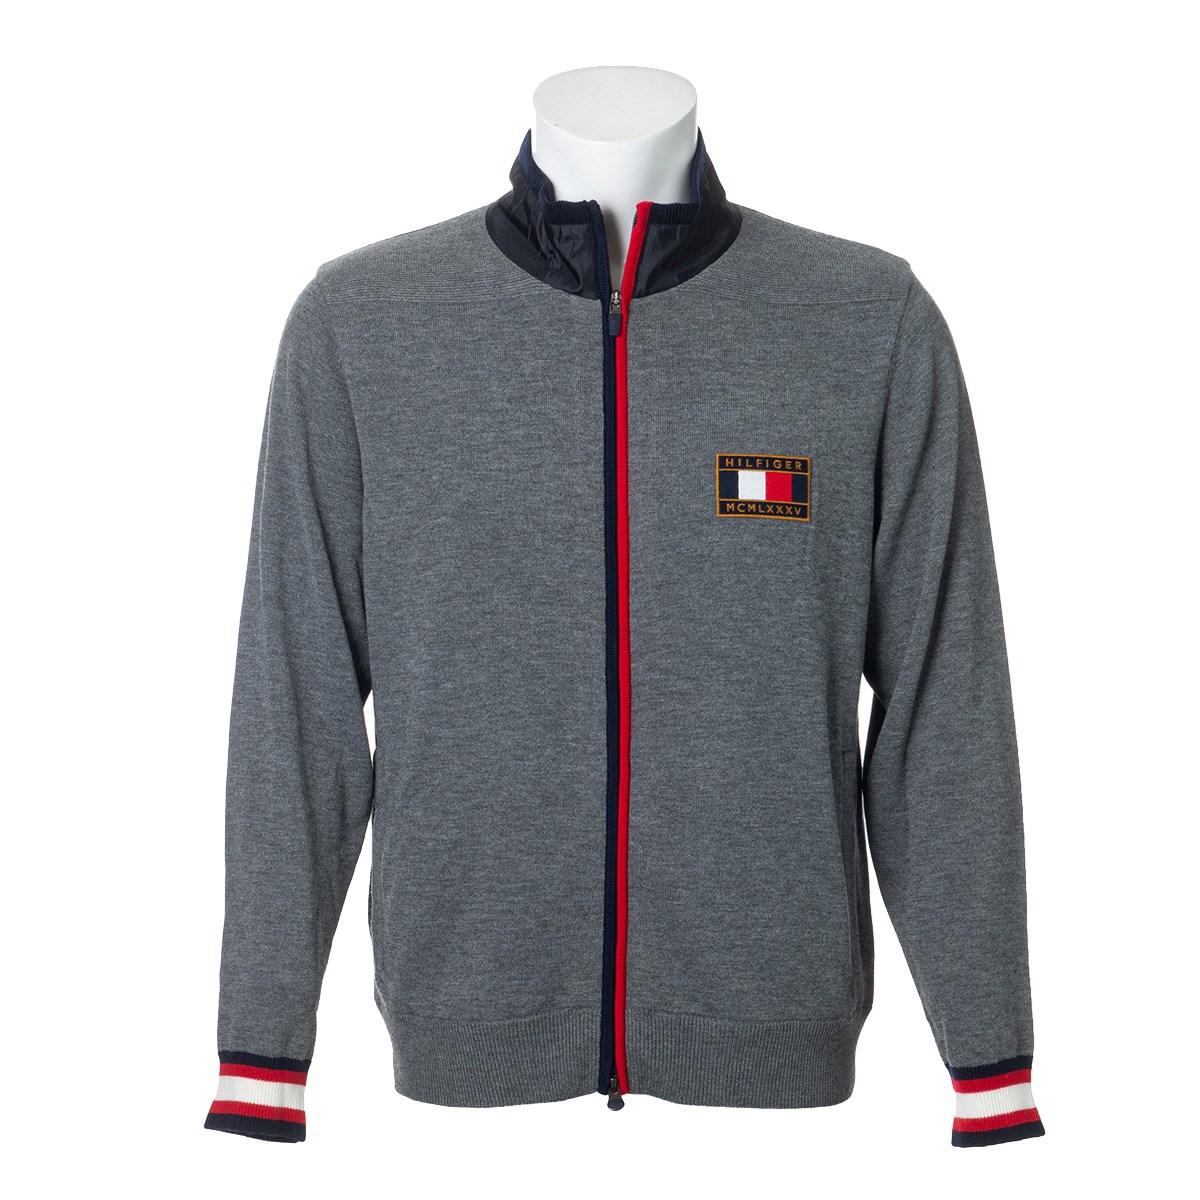 トミーヒルフィガー(Tommy Hilfiger) ジップアップラインセーター